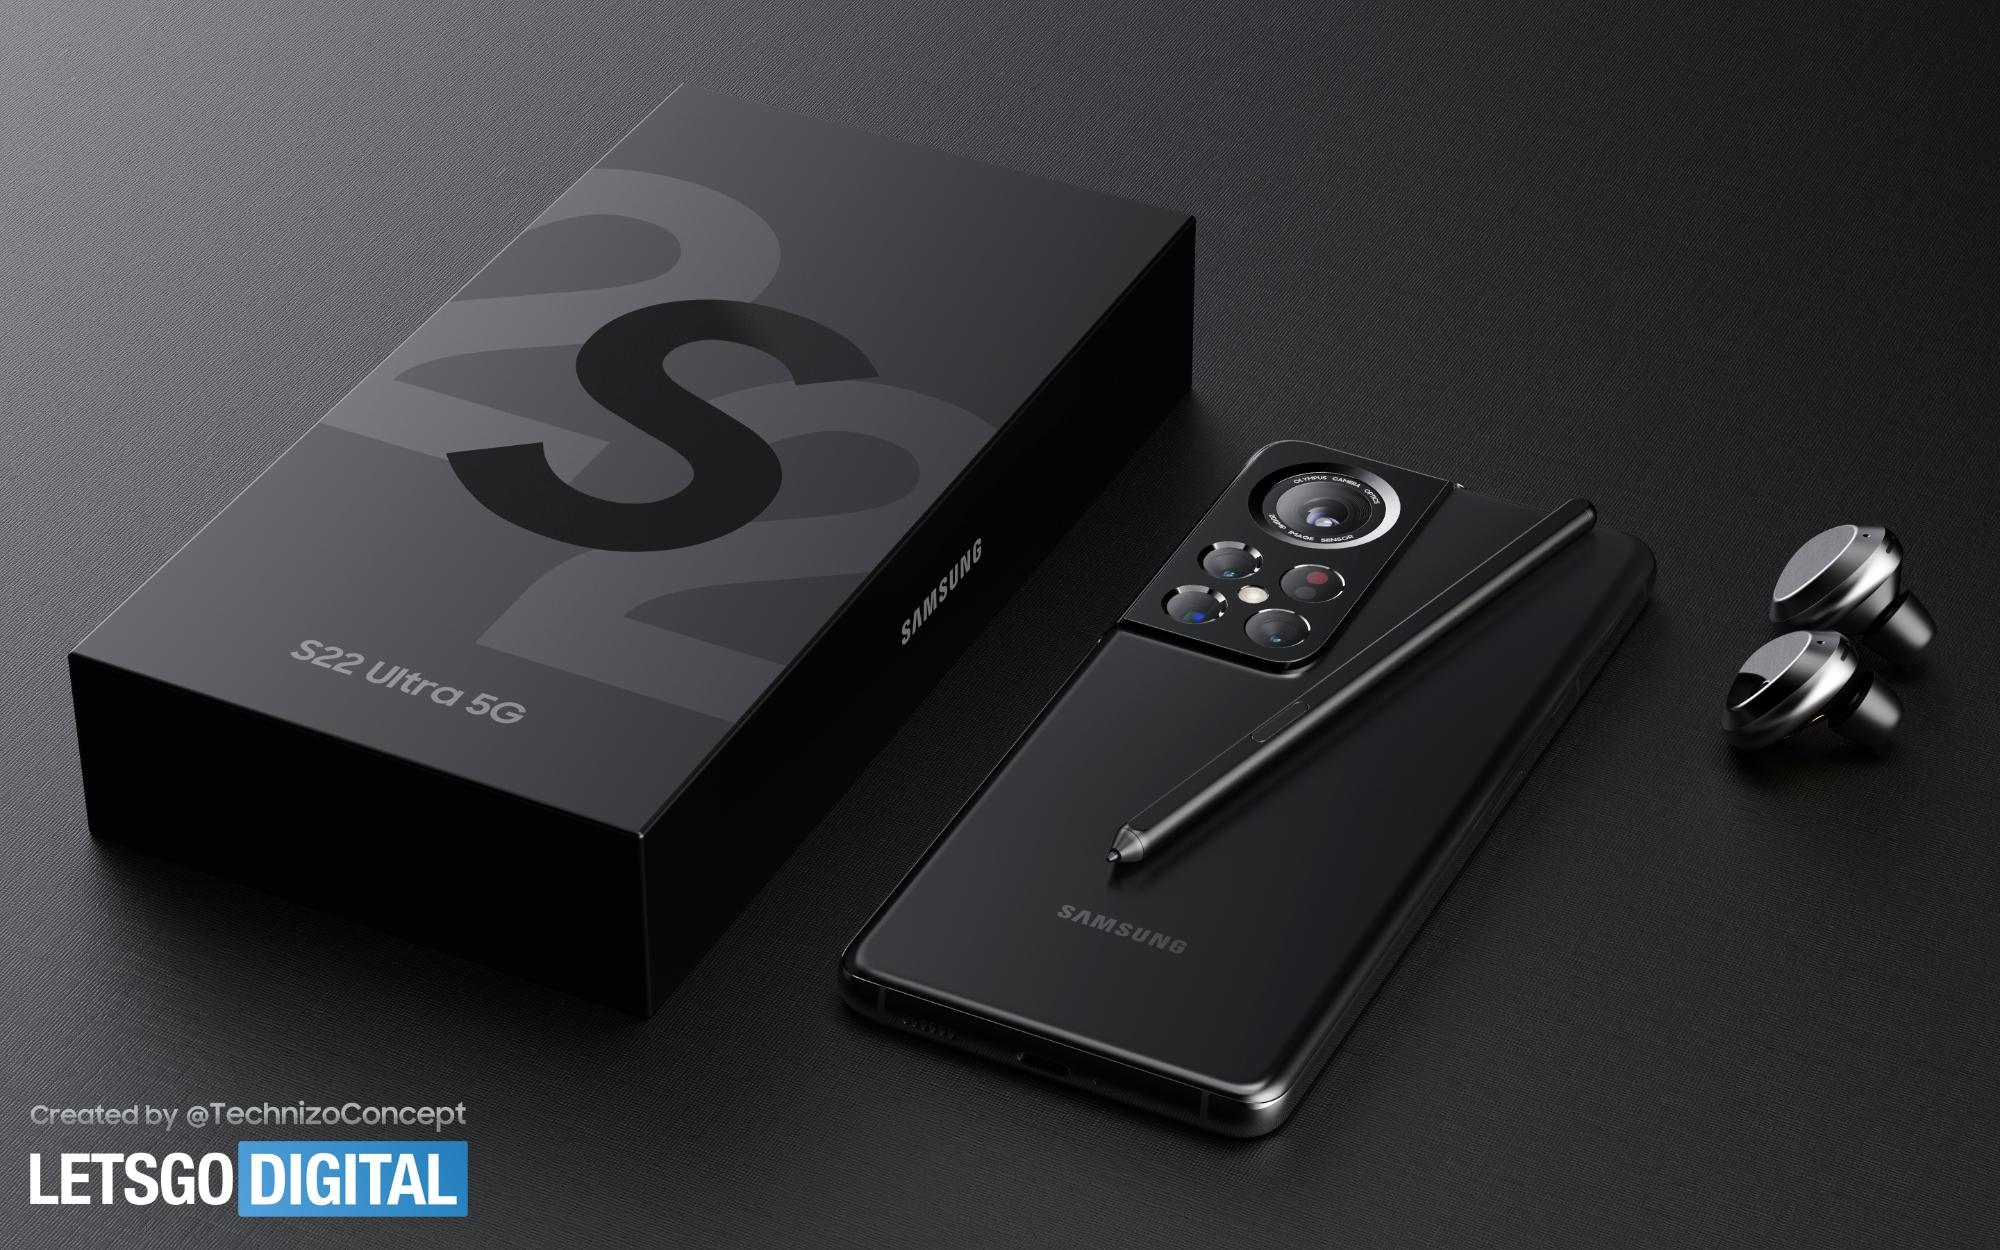 Пока поклонники Samsung ждут анонс Galaxy S22 Ultra, любители выпустили проморолик, наделив смартфон возможностями, которых у него, скорее всего, не